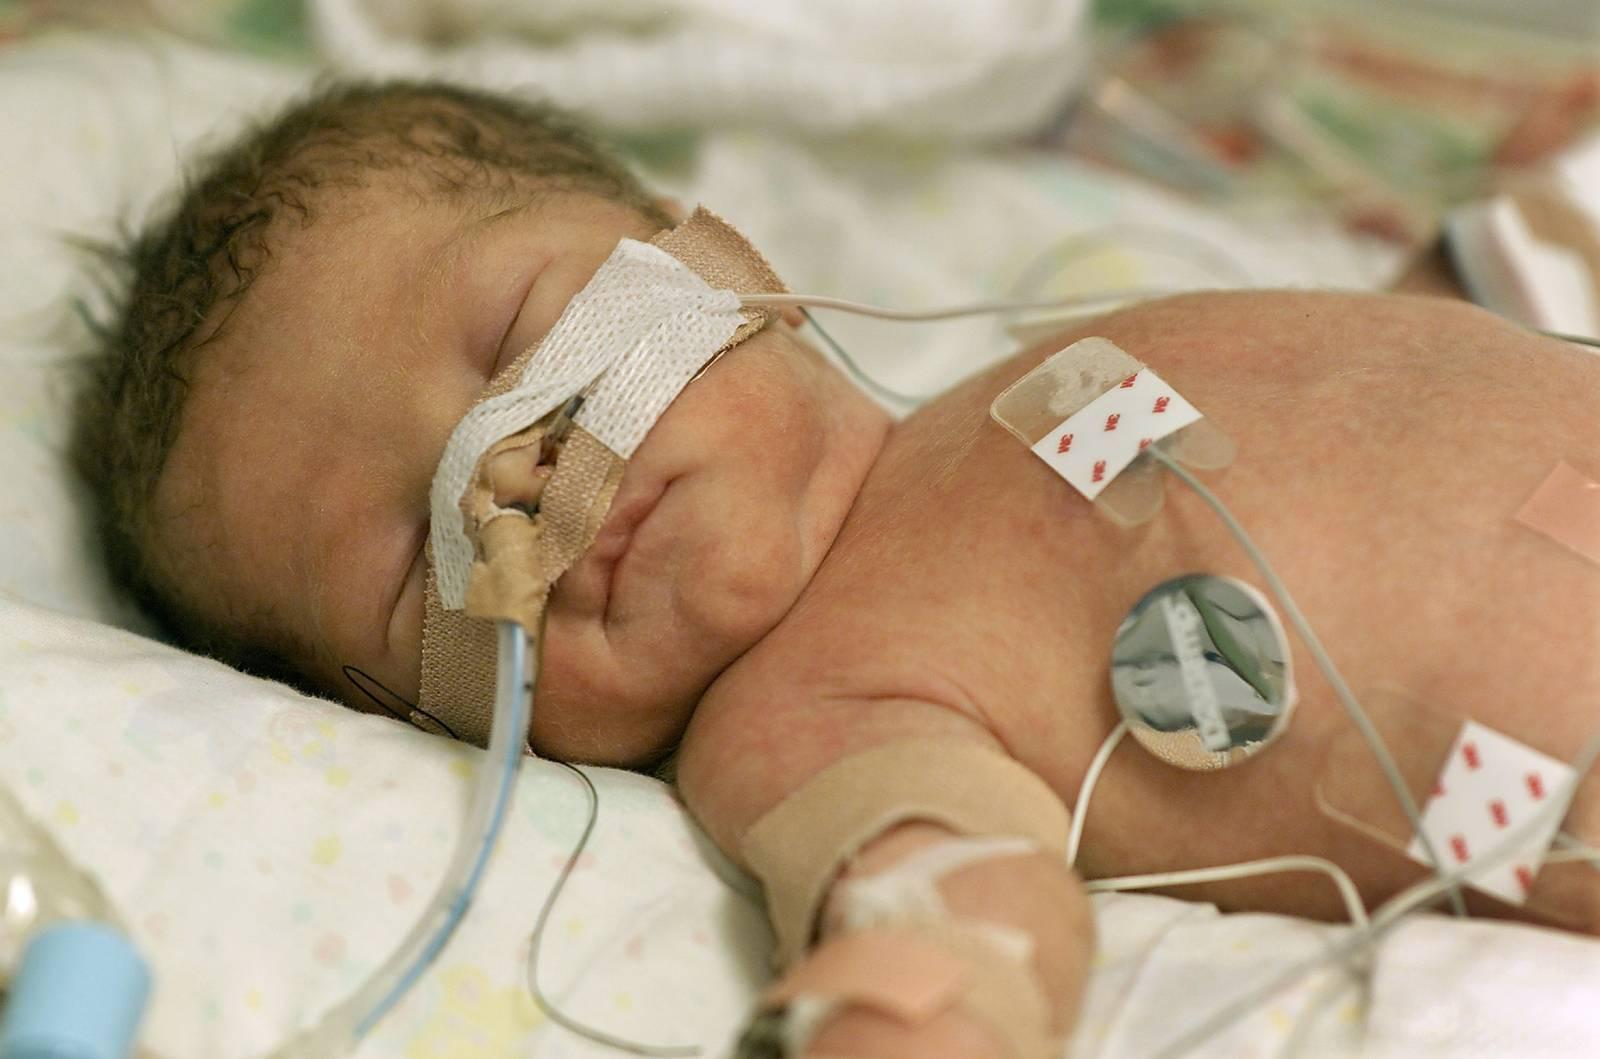 Ишемия головного мозга у новорожденного - последствия и лечение поражения у детей